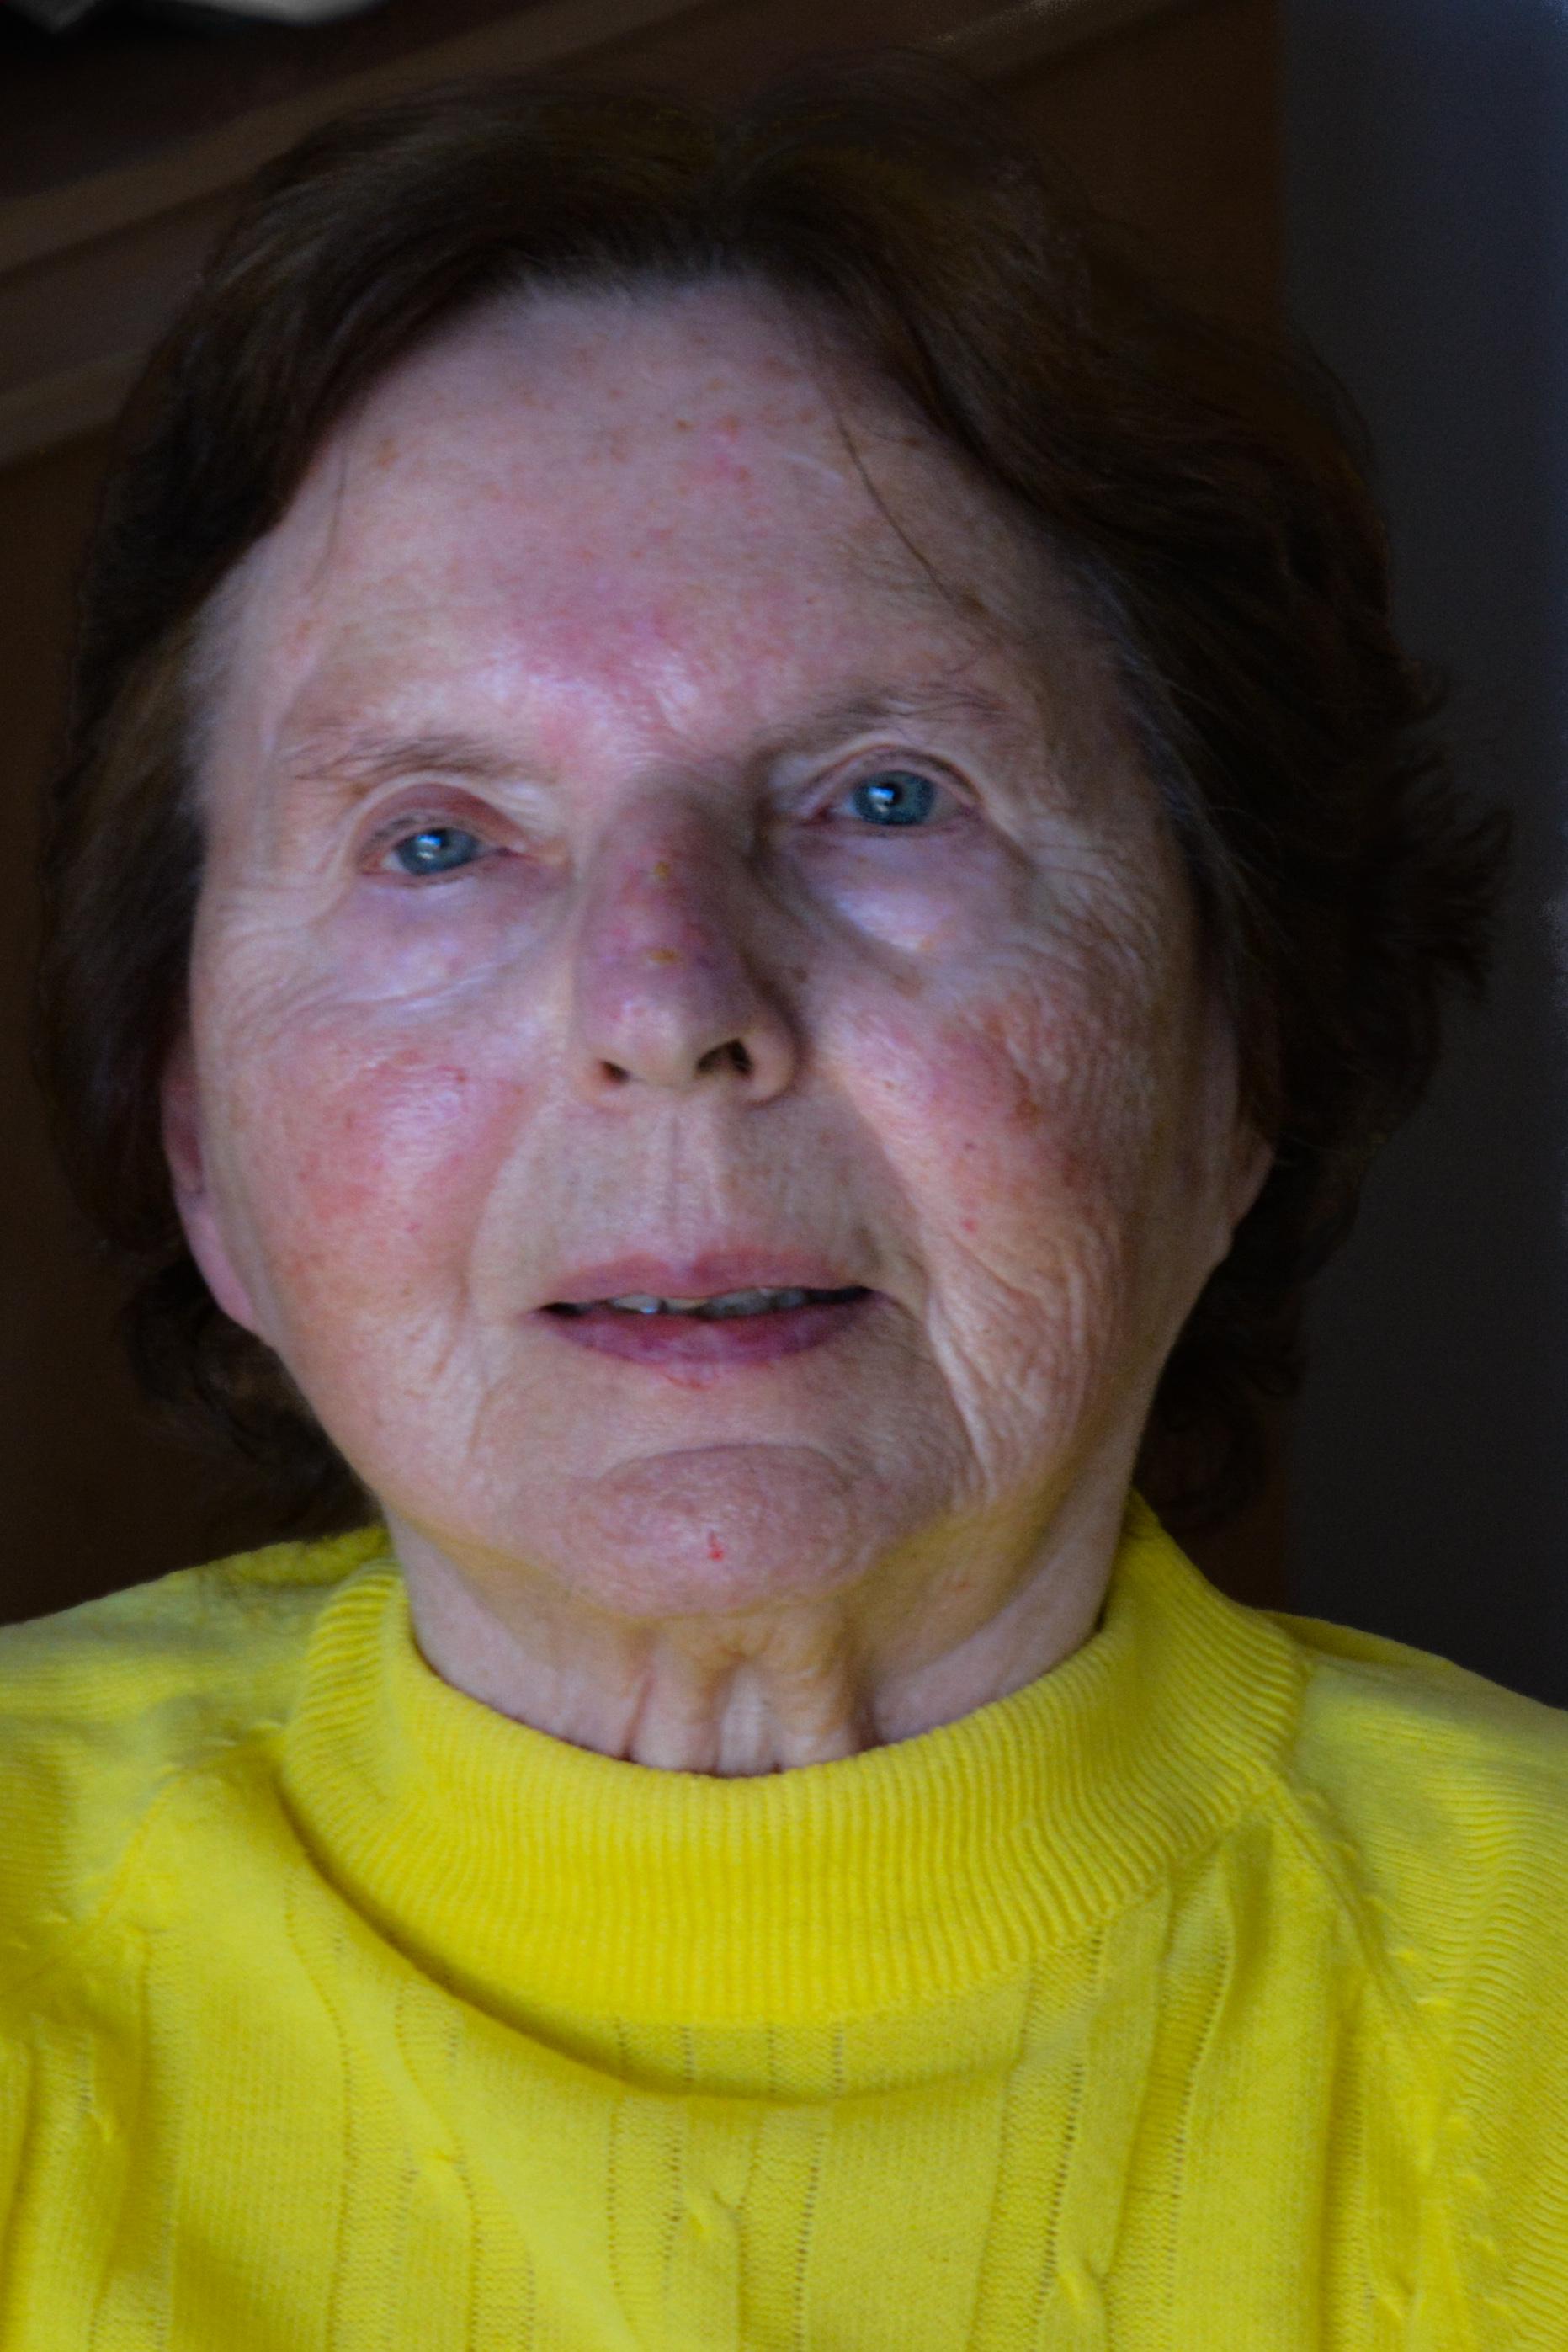 Erika Brániková sa s rodinou vyhla príslušníkom SS aj koncentračným táborom.